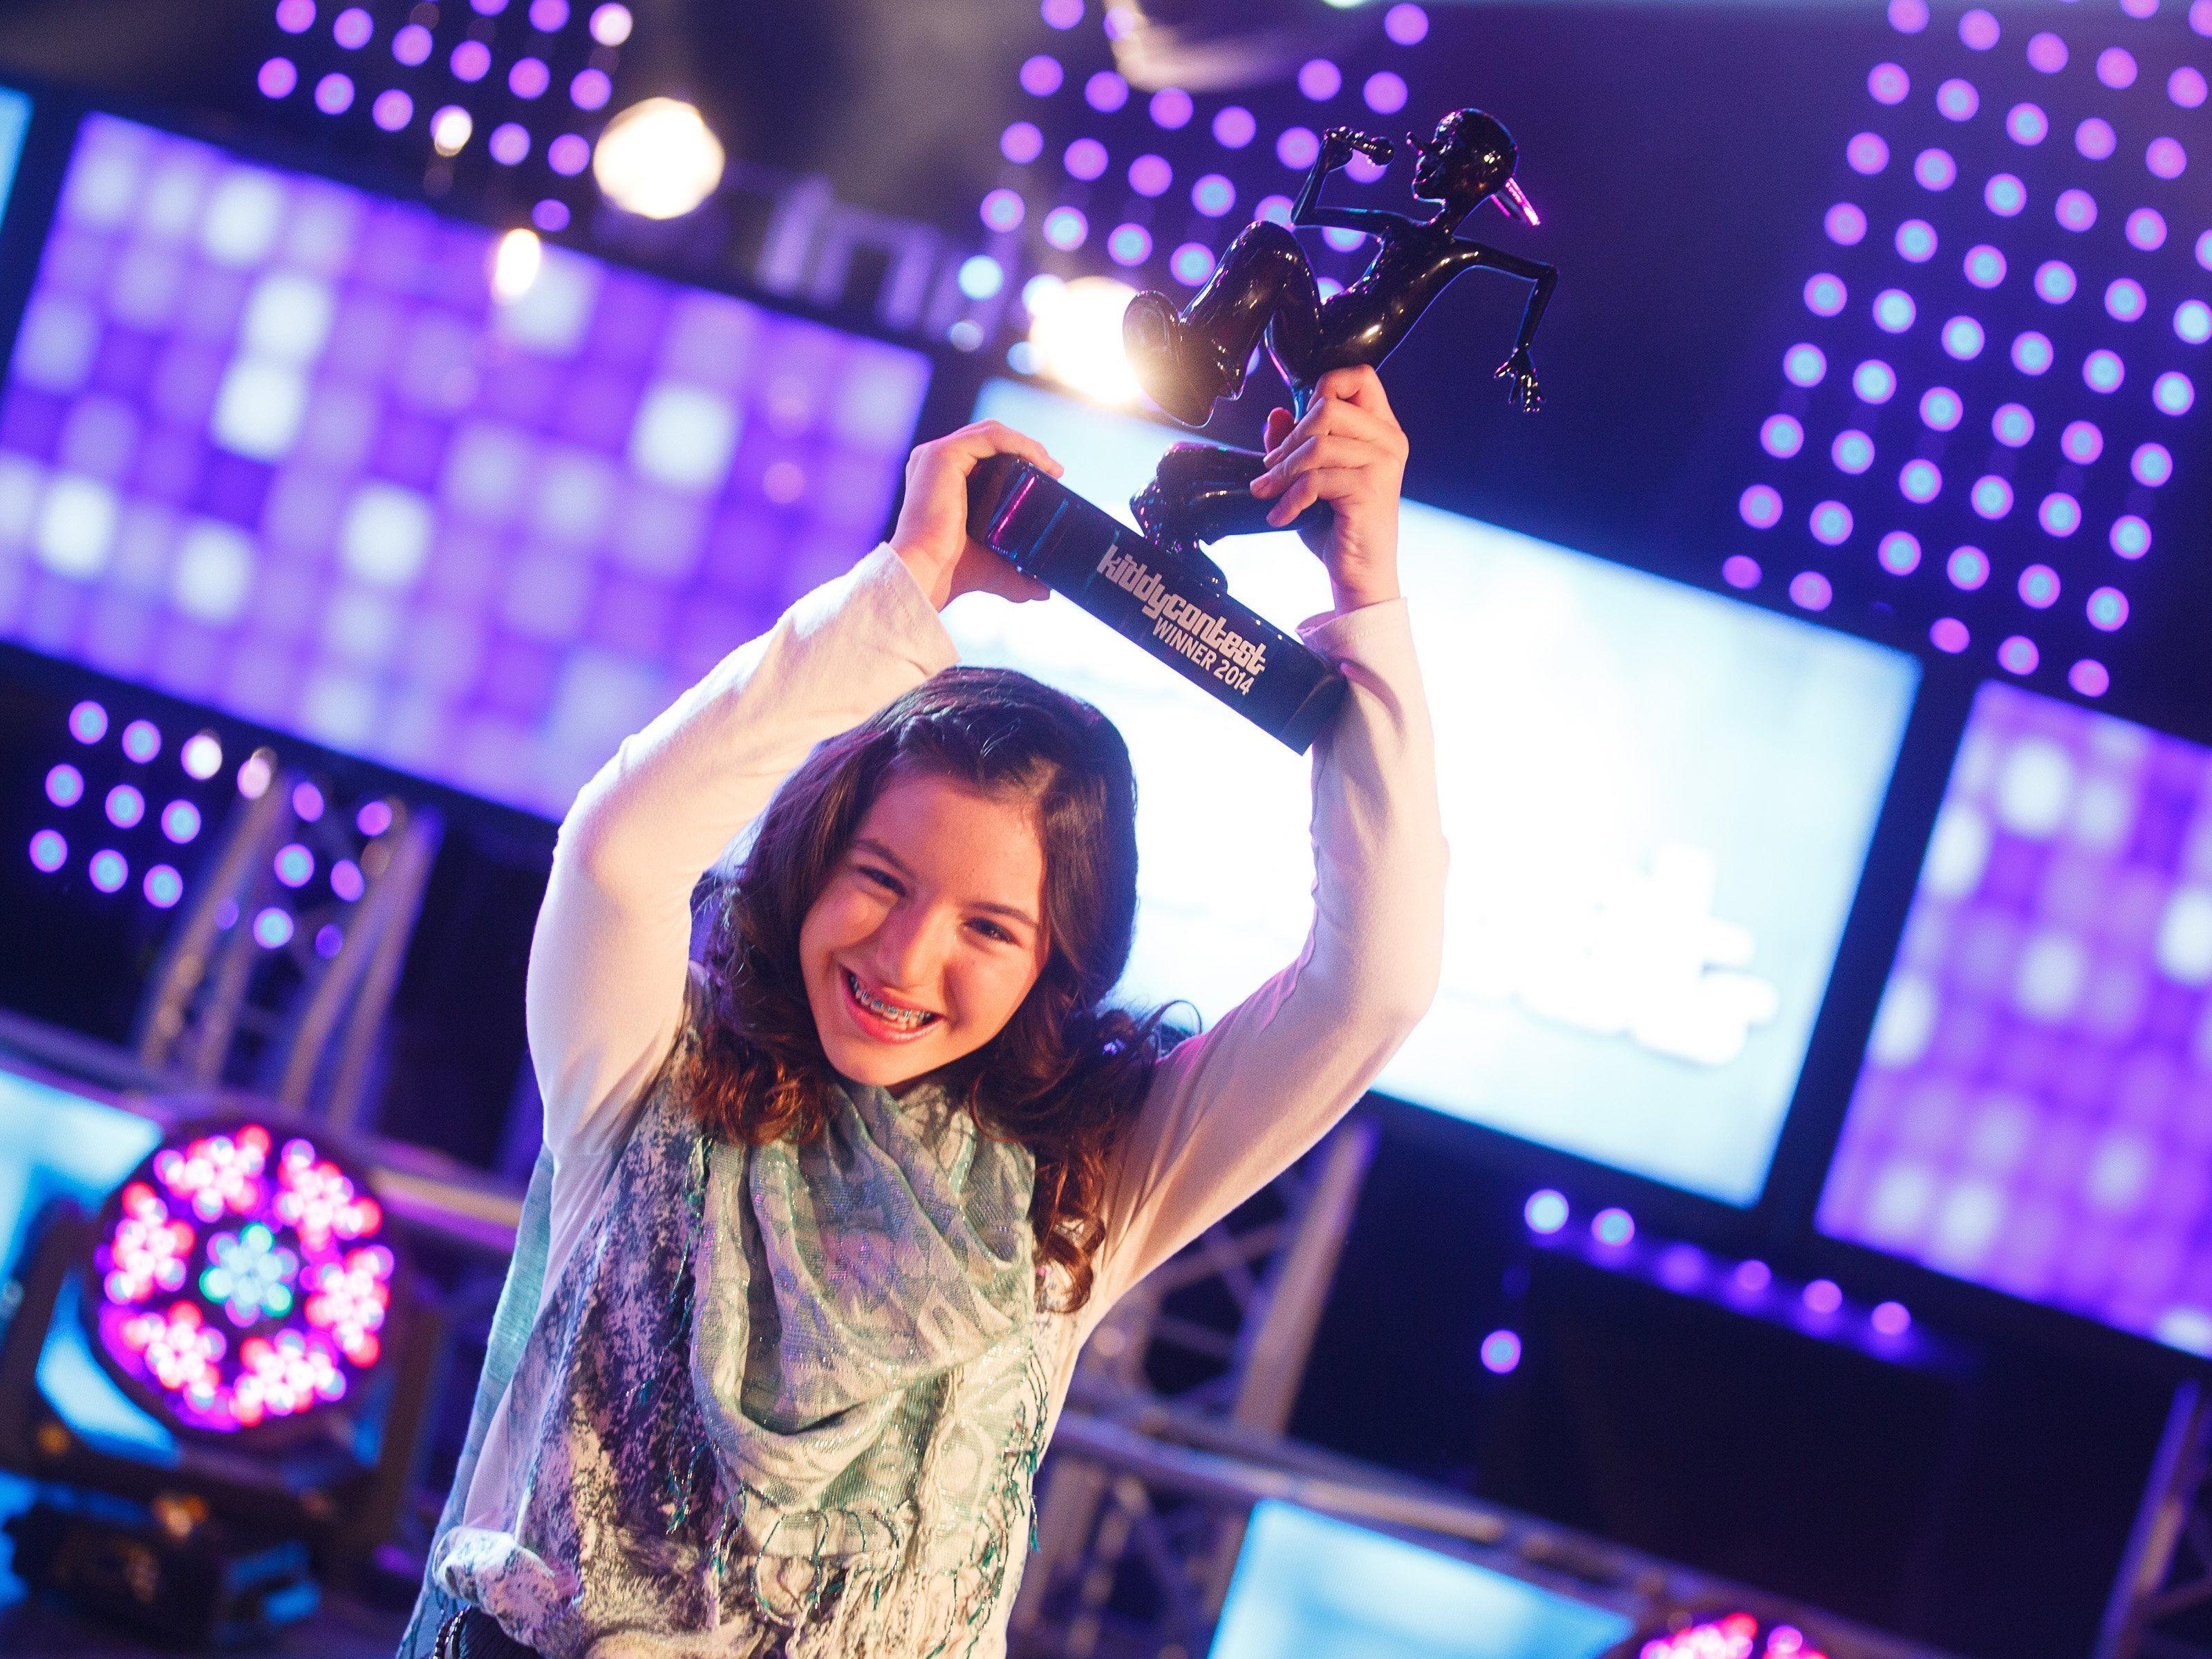 Kiddy Contest 2014: Die zwölfjährige Lena aus Schwarzach stemmt die Trophäe in die Höhe.